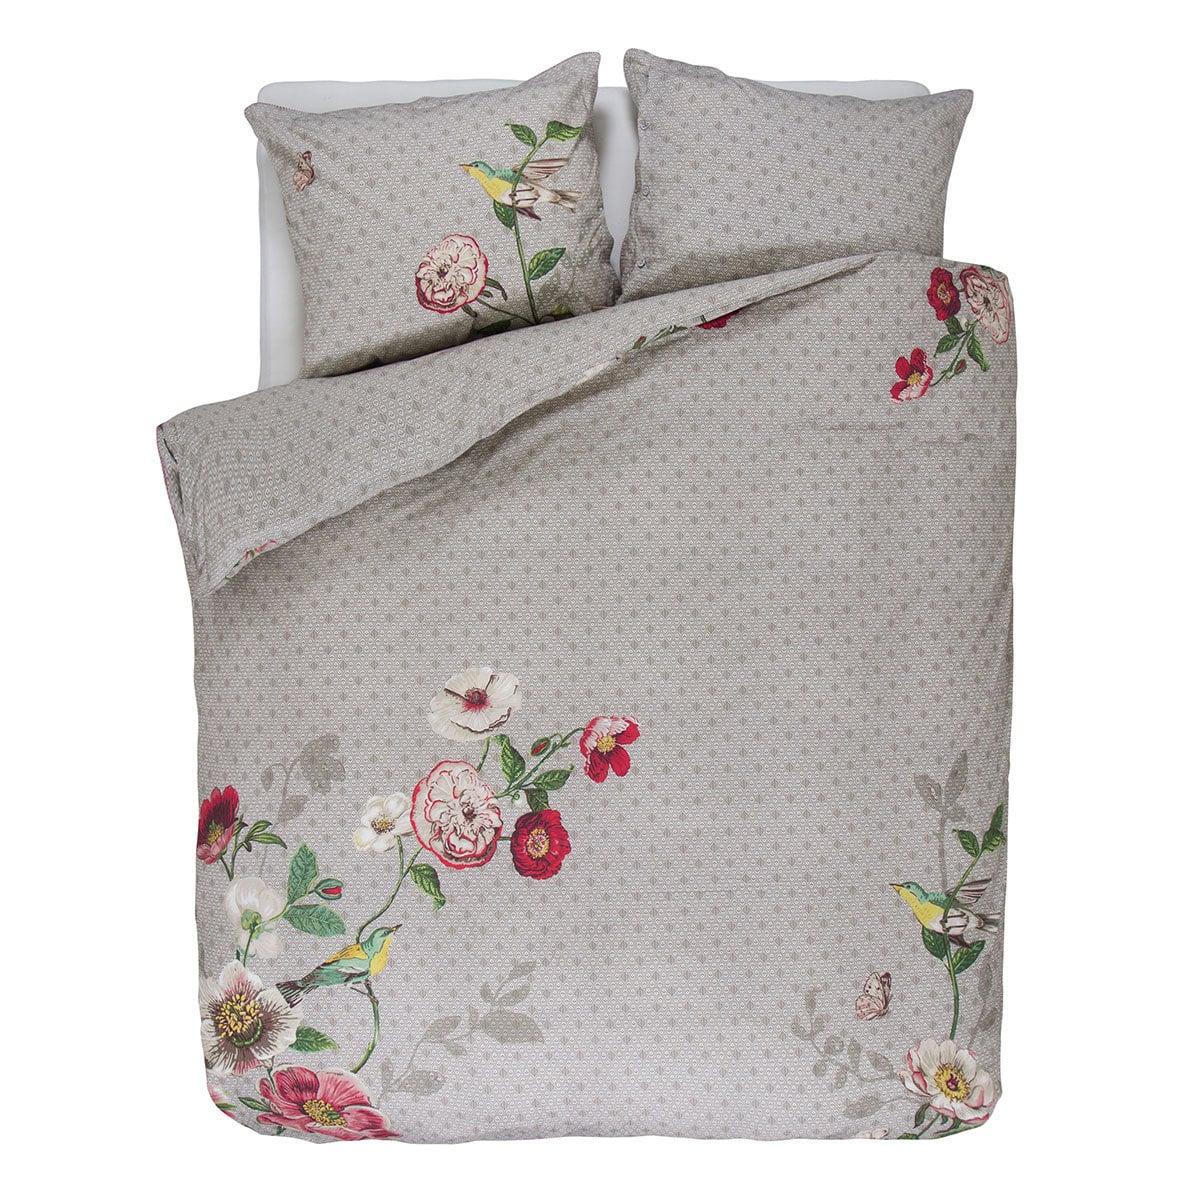 pip studio perkal wendebettw sche poppy khaki g nstig online kaufen bei bettwaren shop. Black Bedroom Furniture Sets. Home Design Ideas